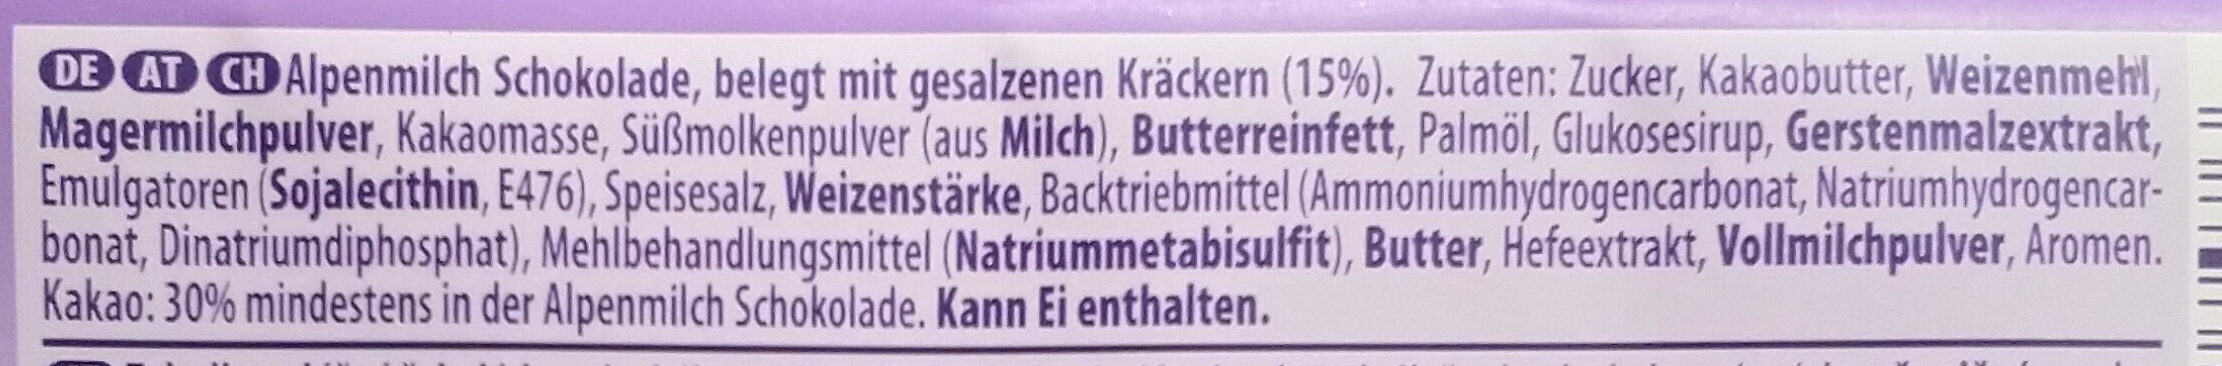 Alpenmilch Schokolade & TUC Cracker - Ingrédients - de